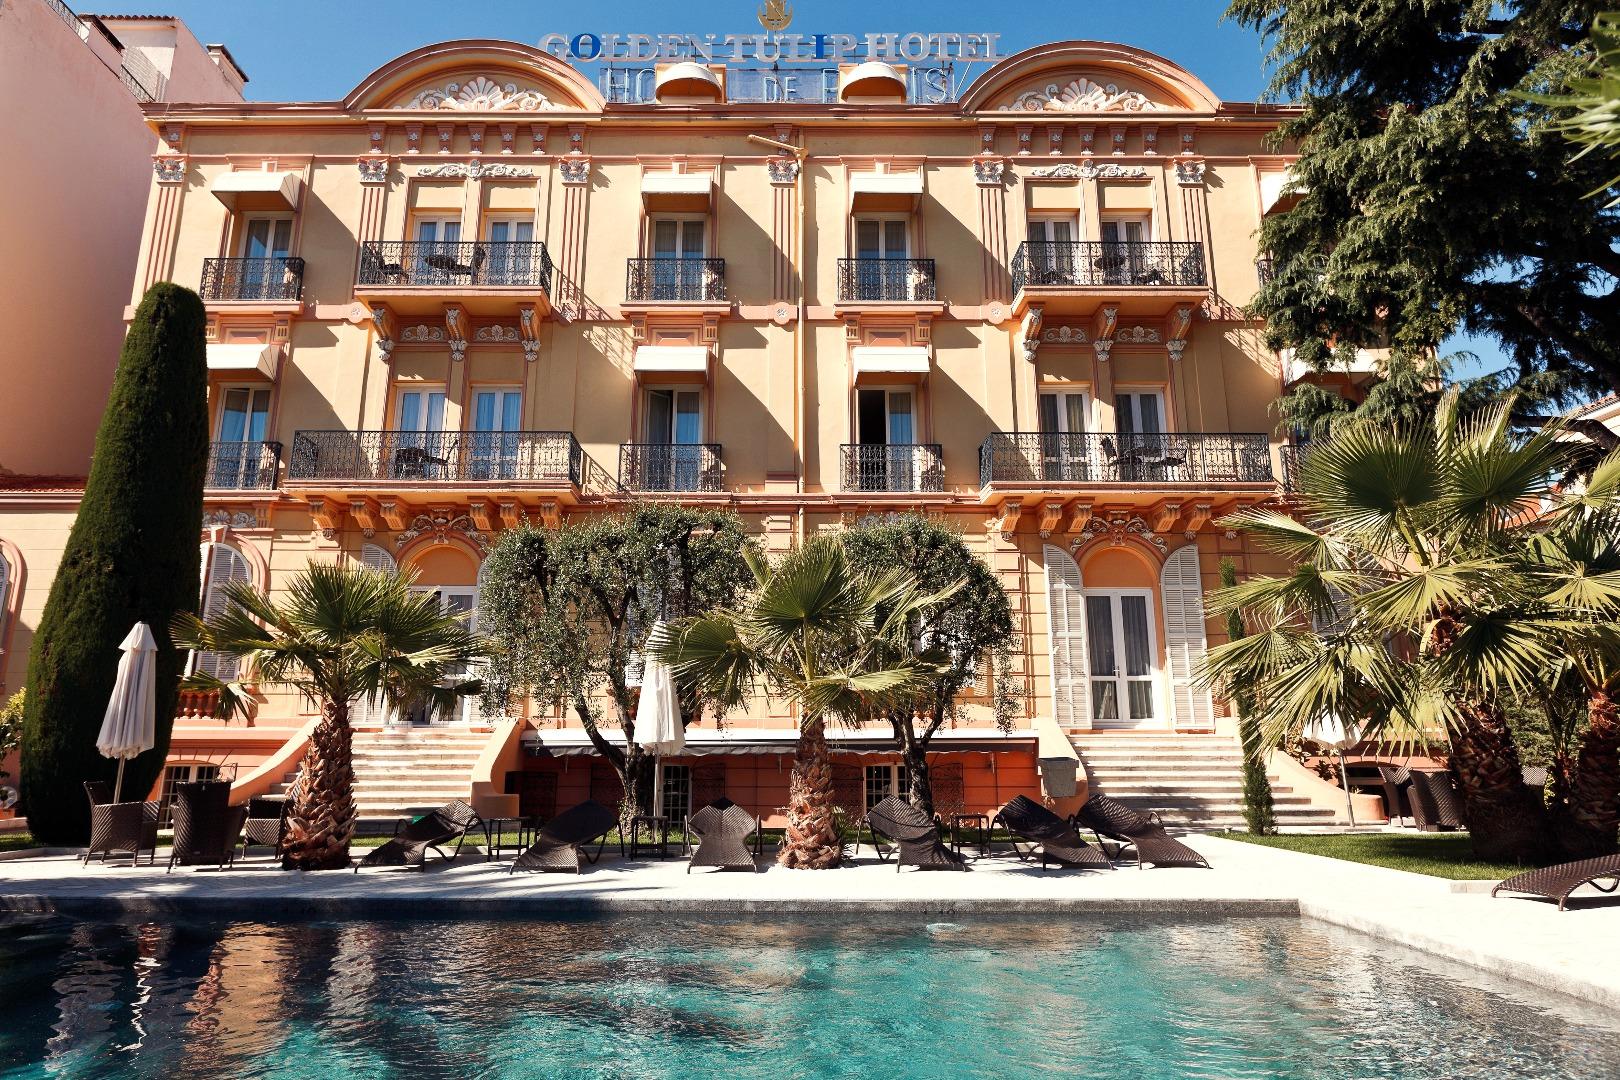 Hotel de paris cannes à Cannes